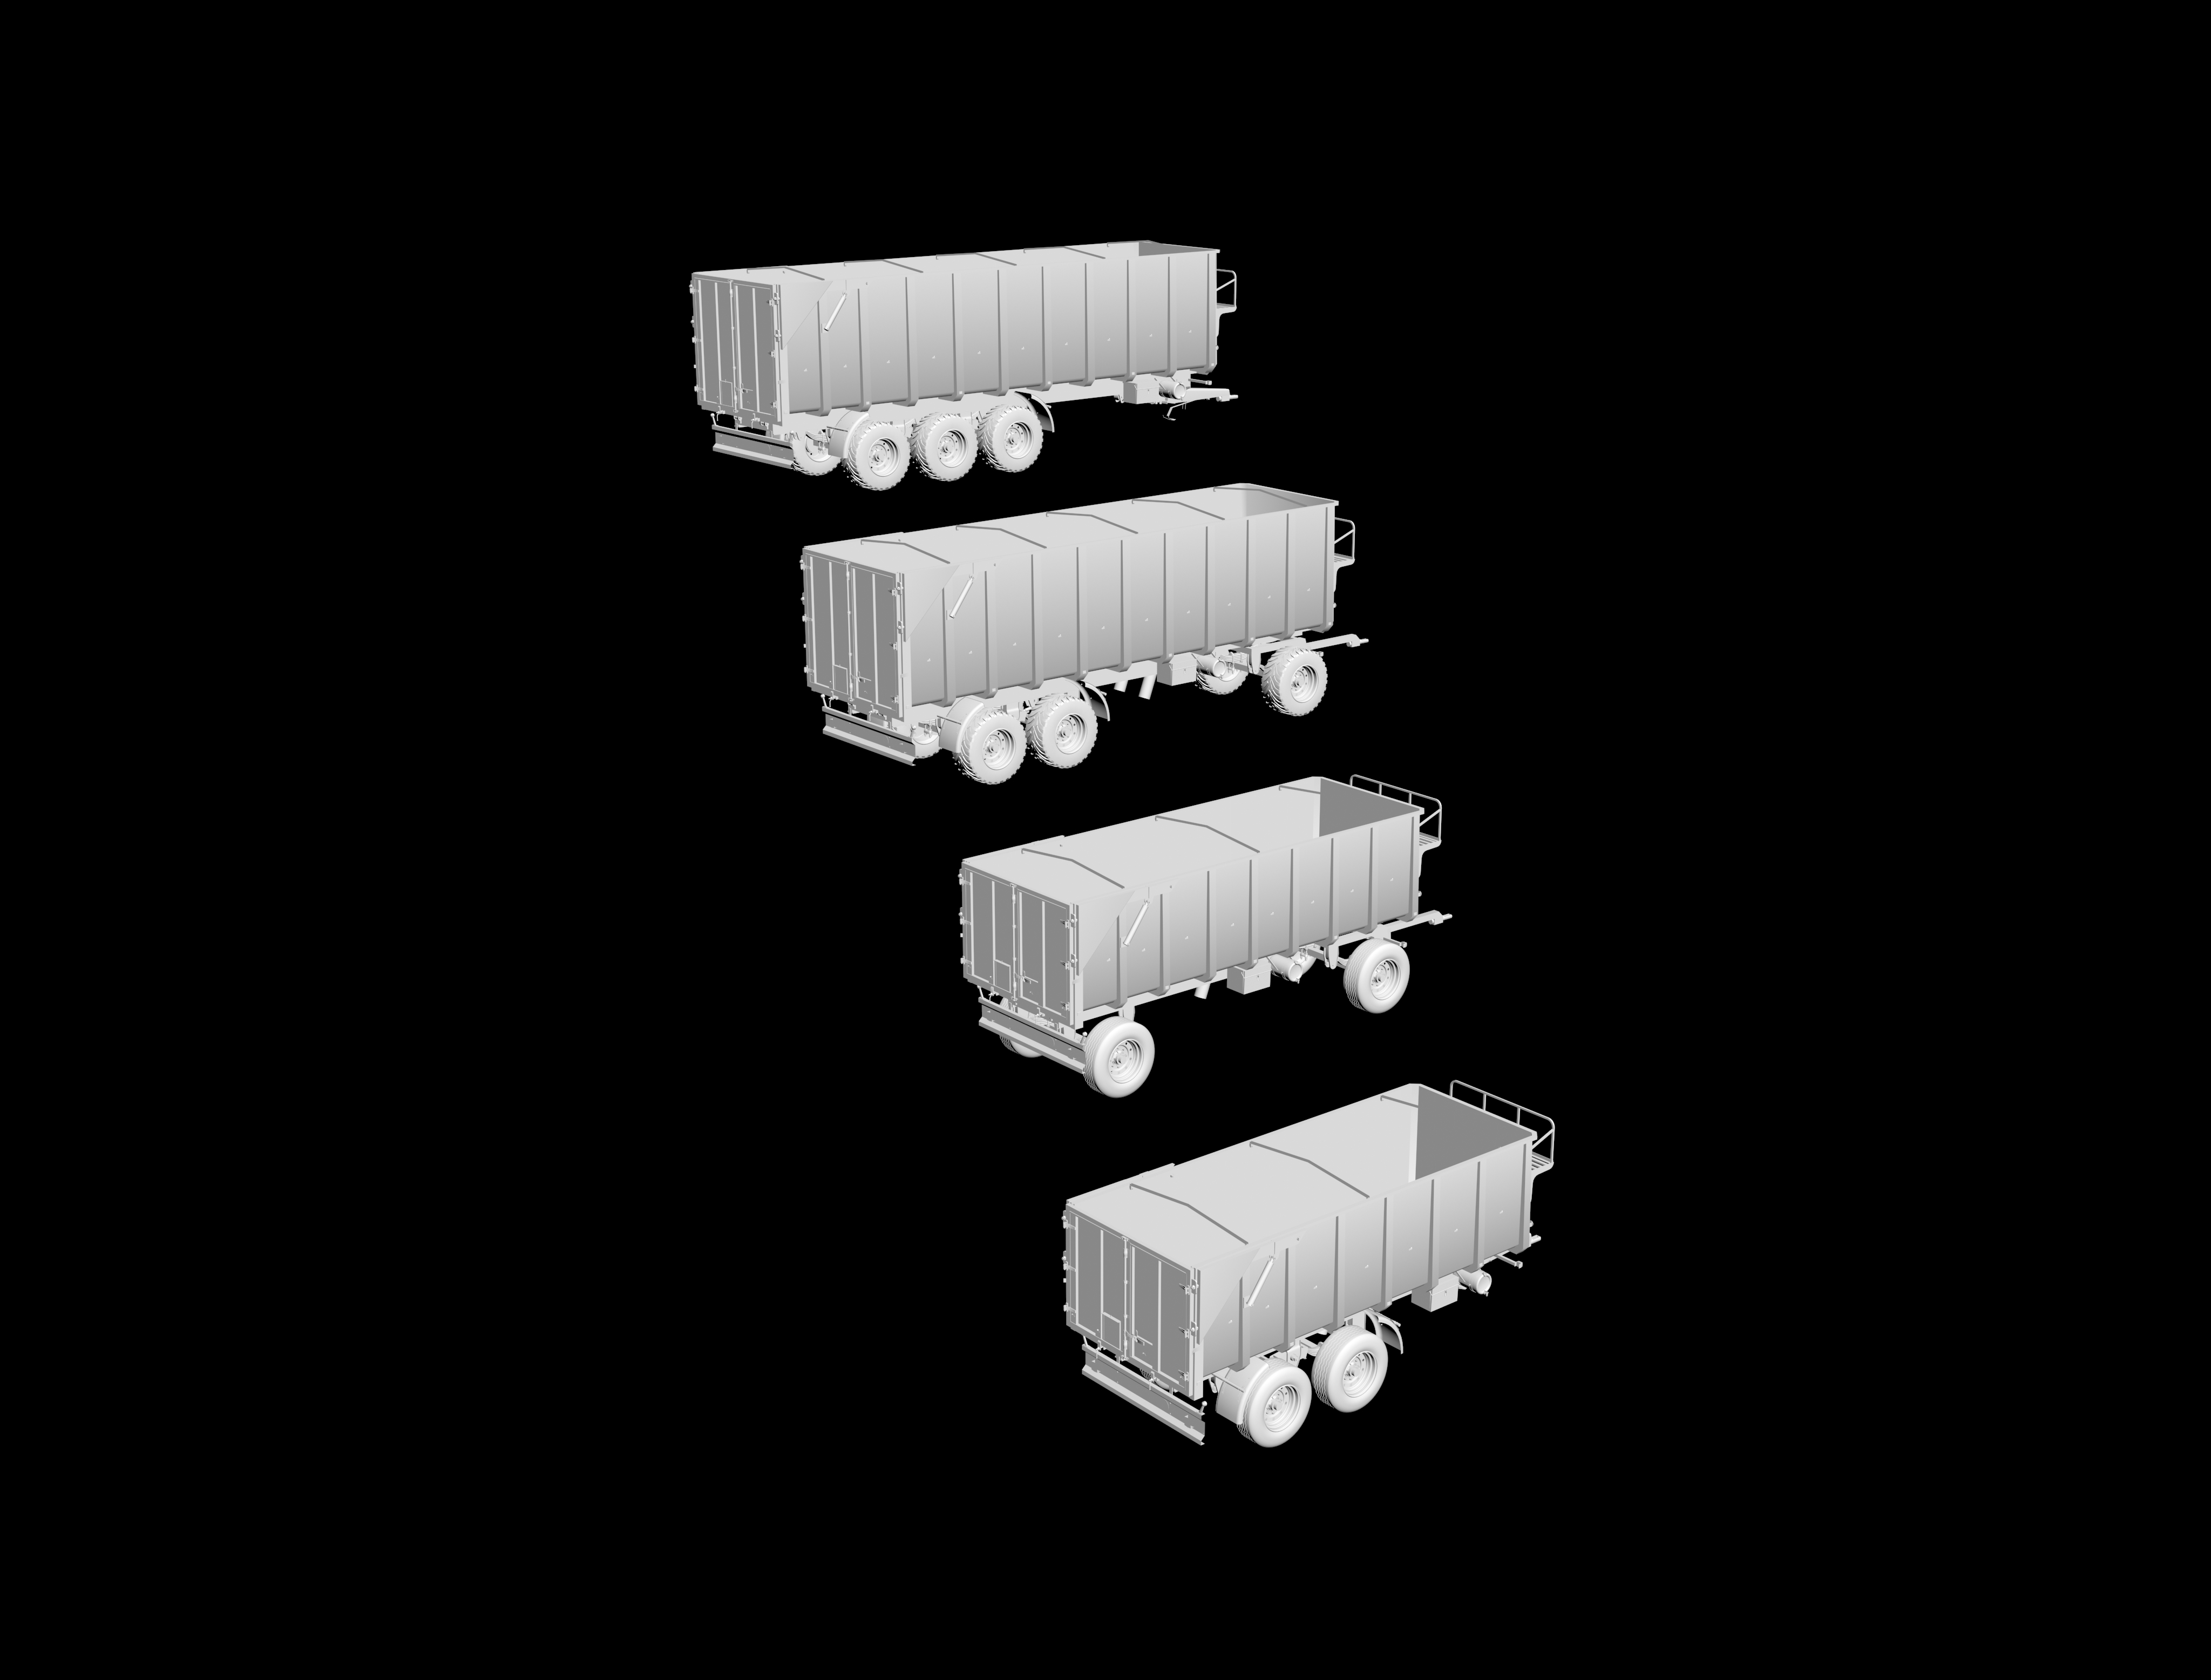 [Encuesta][T.E.P.] Proyecto Aguas Tenias (22 modelos + 1 Camión) [Terminado 21-4-2014]. - Página 2 332hbjq